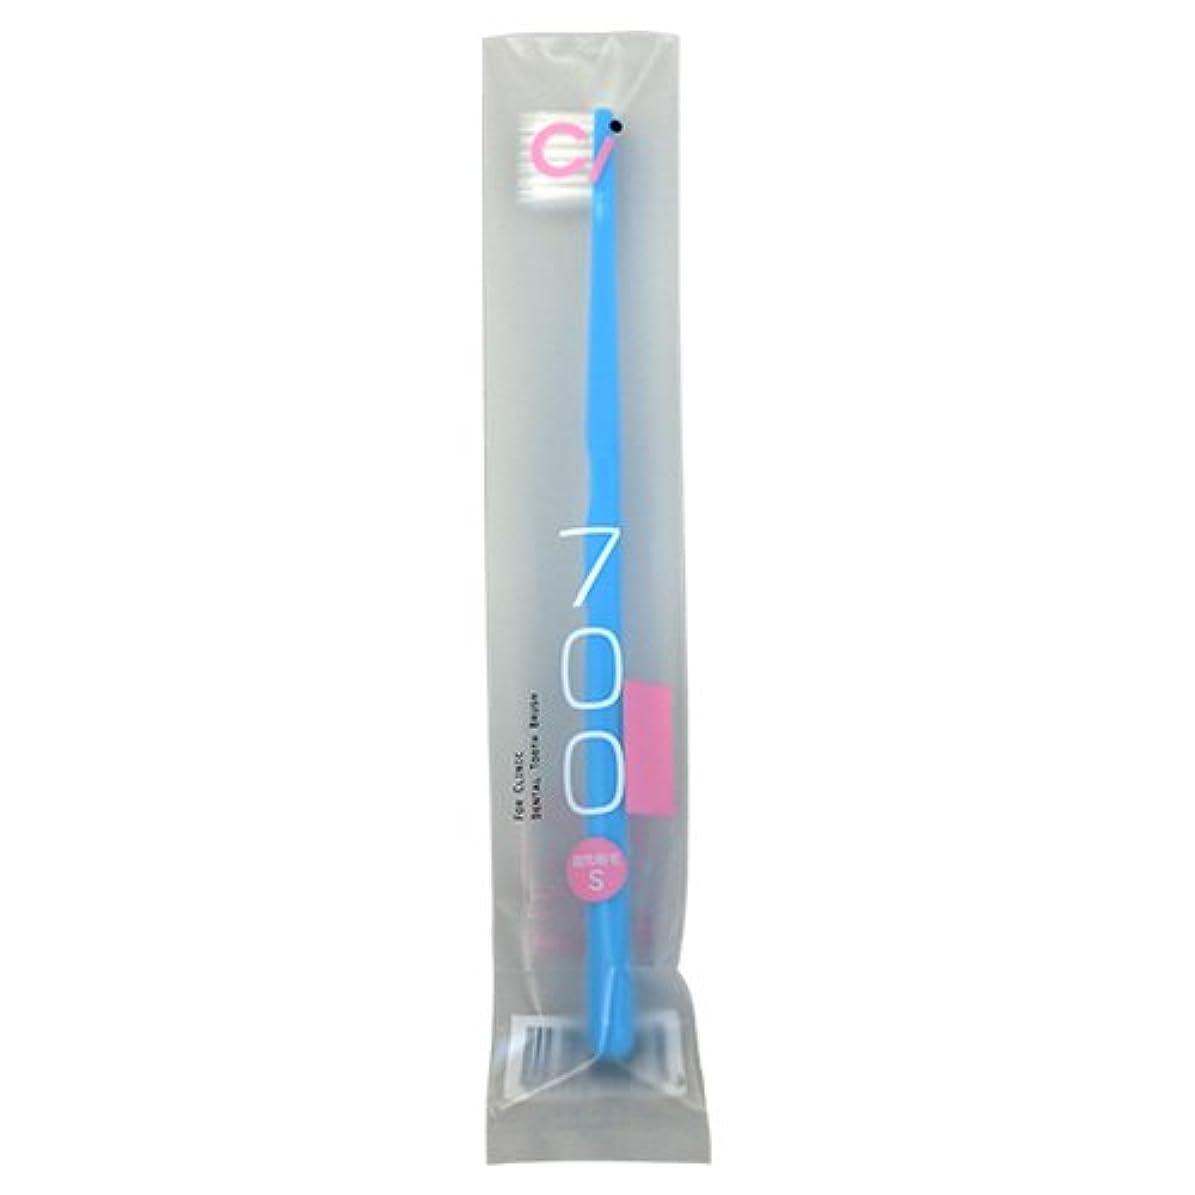 裸見かけ上樹木Ciメディカル Ci700 超先細 ラウンド毛 歯ブラシ 1本 (Sやわらかめ)ブルー